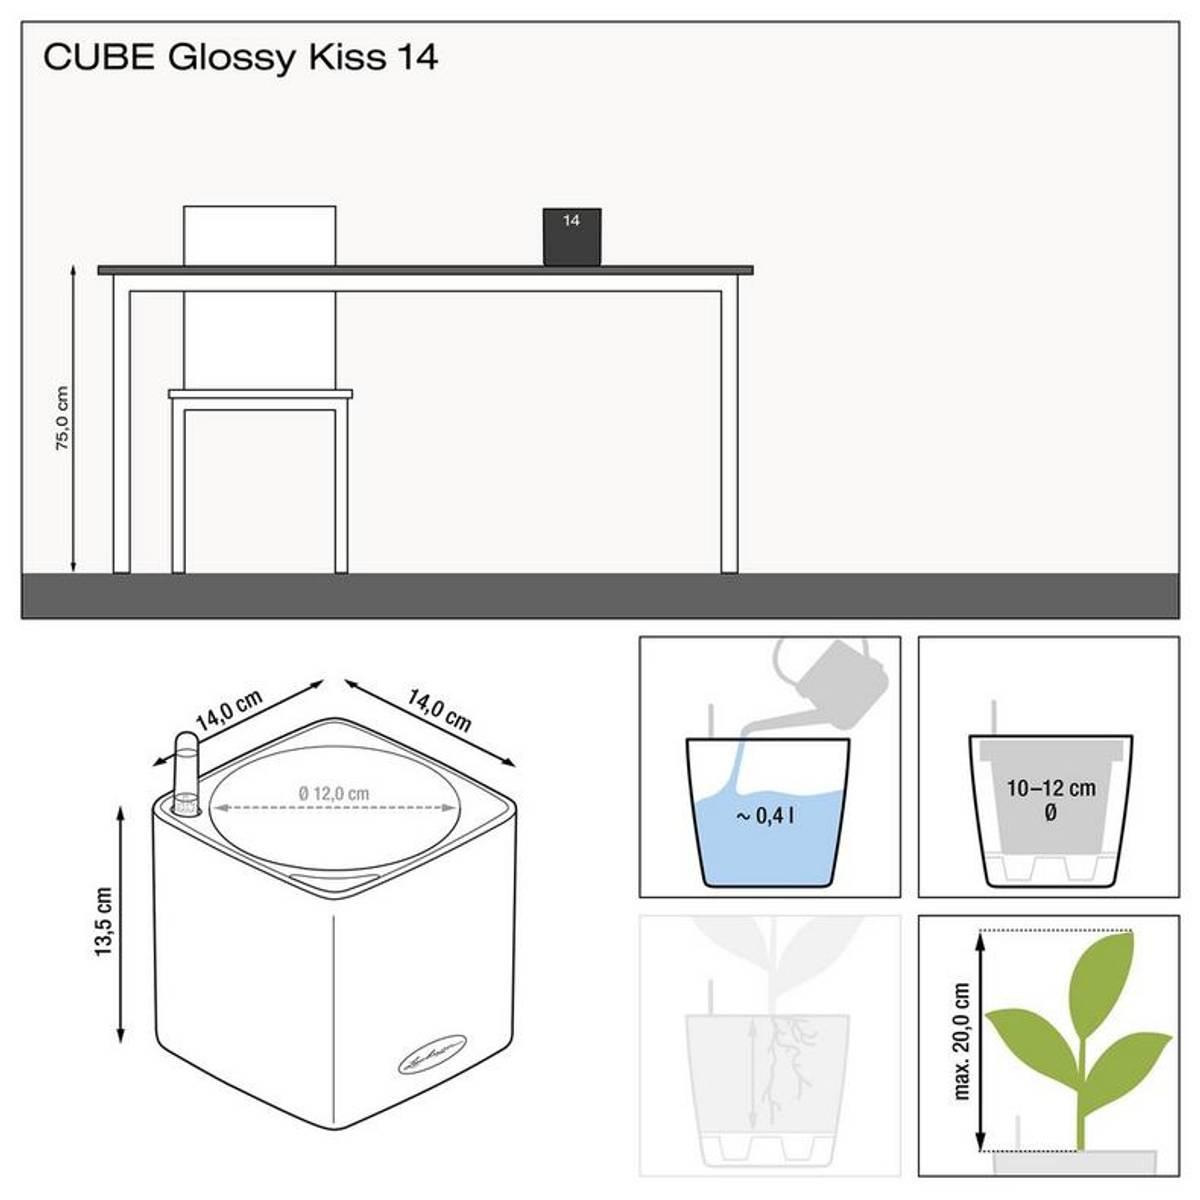 Cube Glossy 14 'Cherry Pie' Høyglans, Lechuza Selvvanningspotte